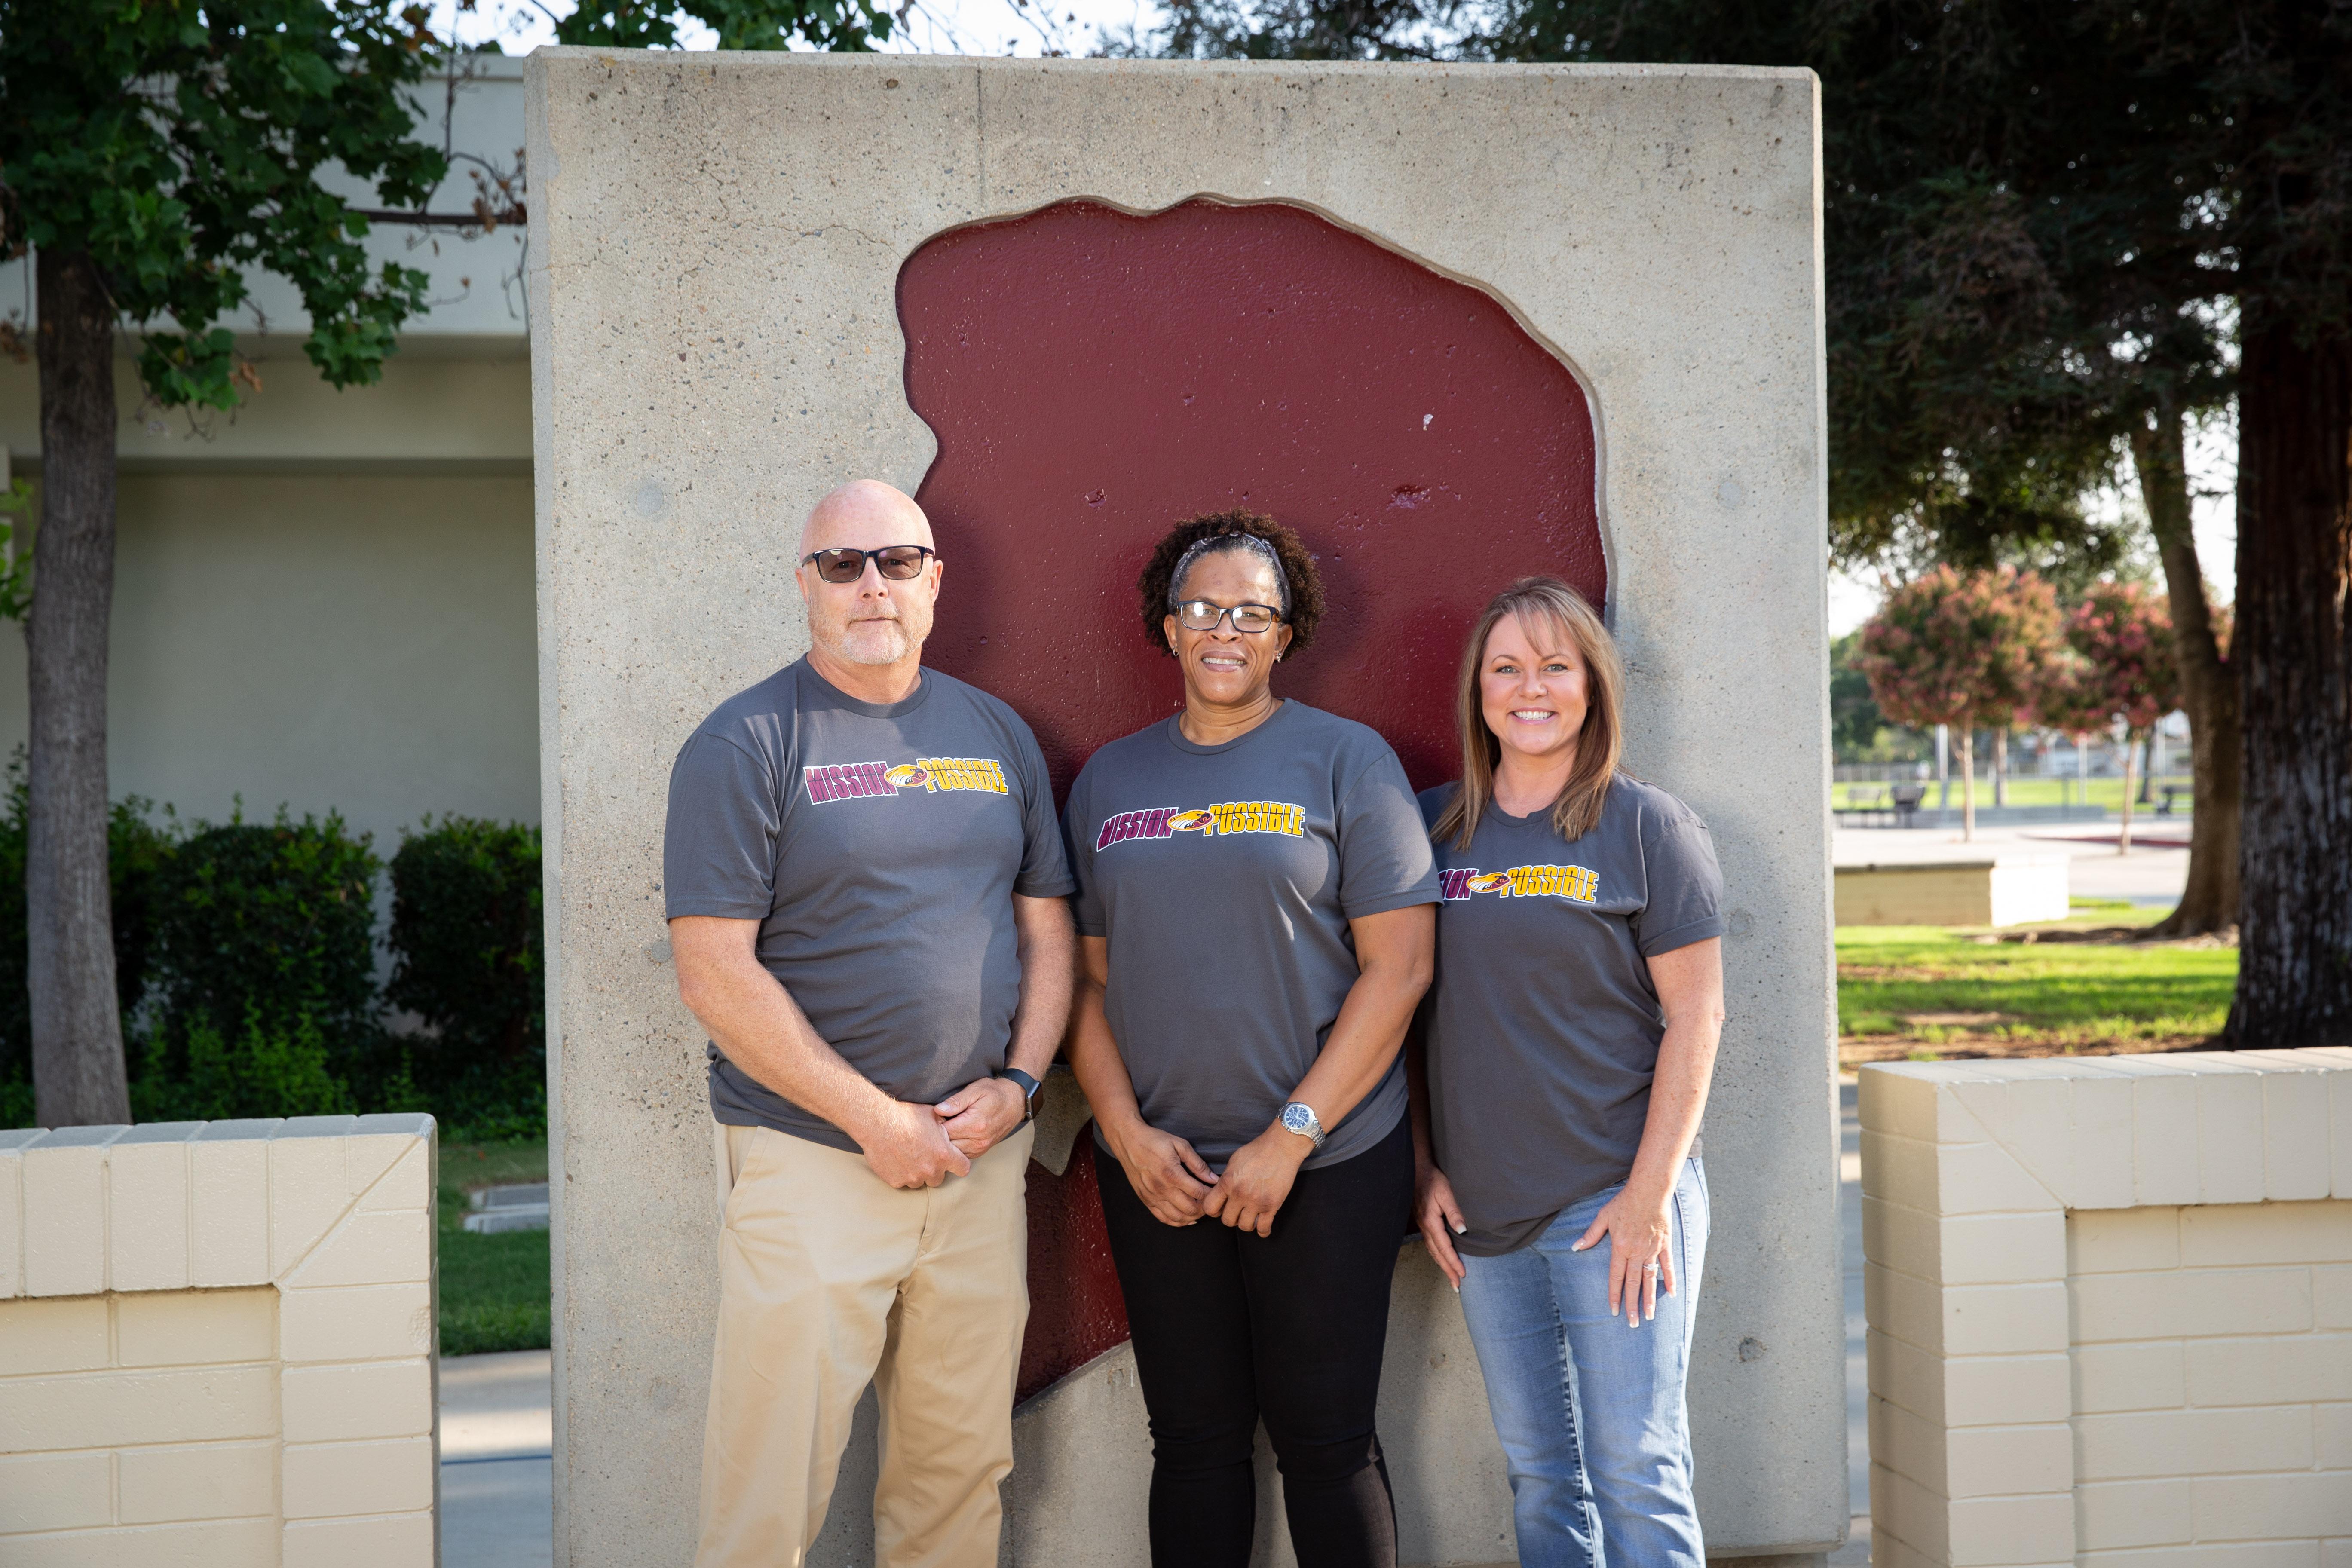 School administrators Matt Verhalen, Celia Willis, and Rachelle PIrok